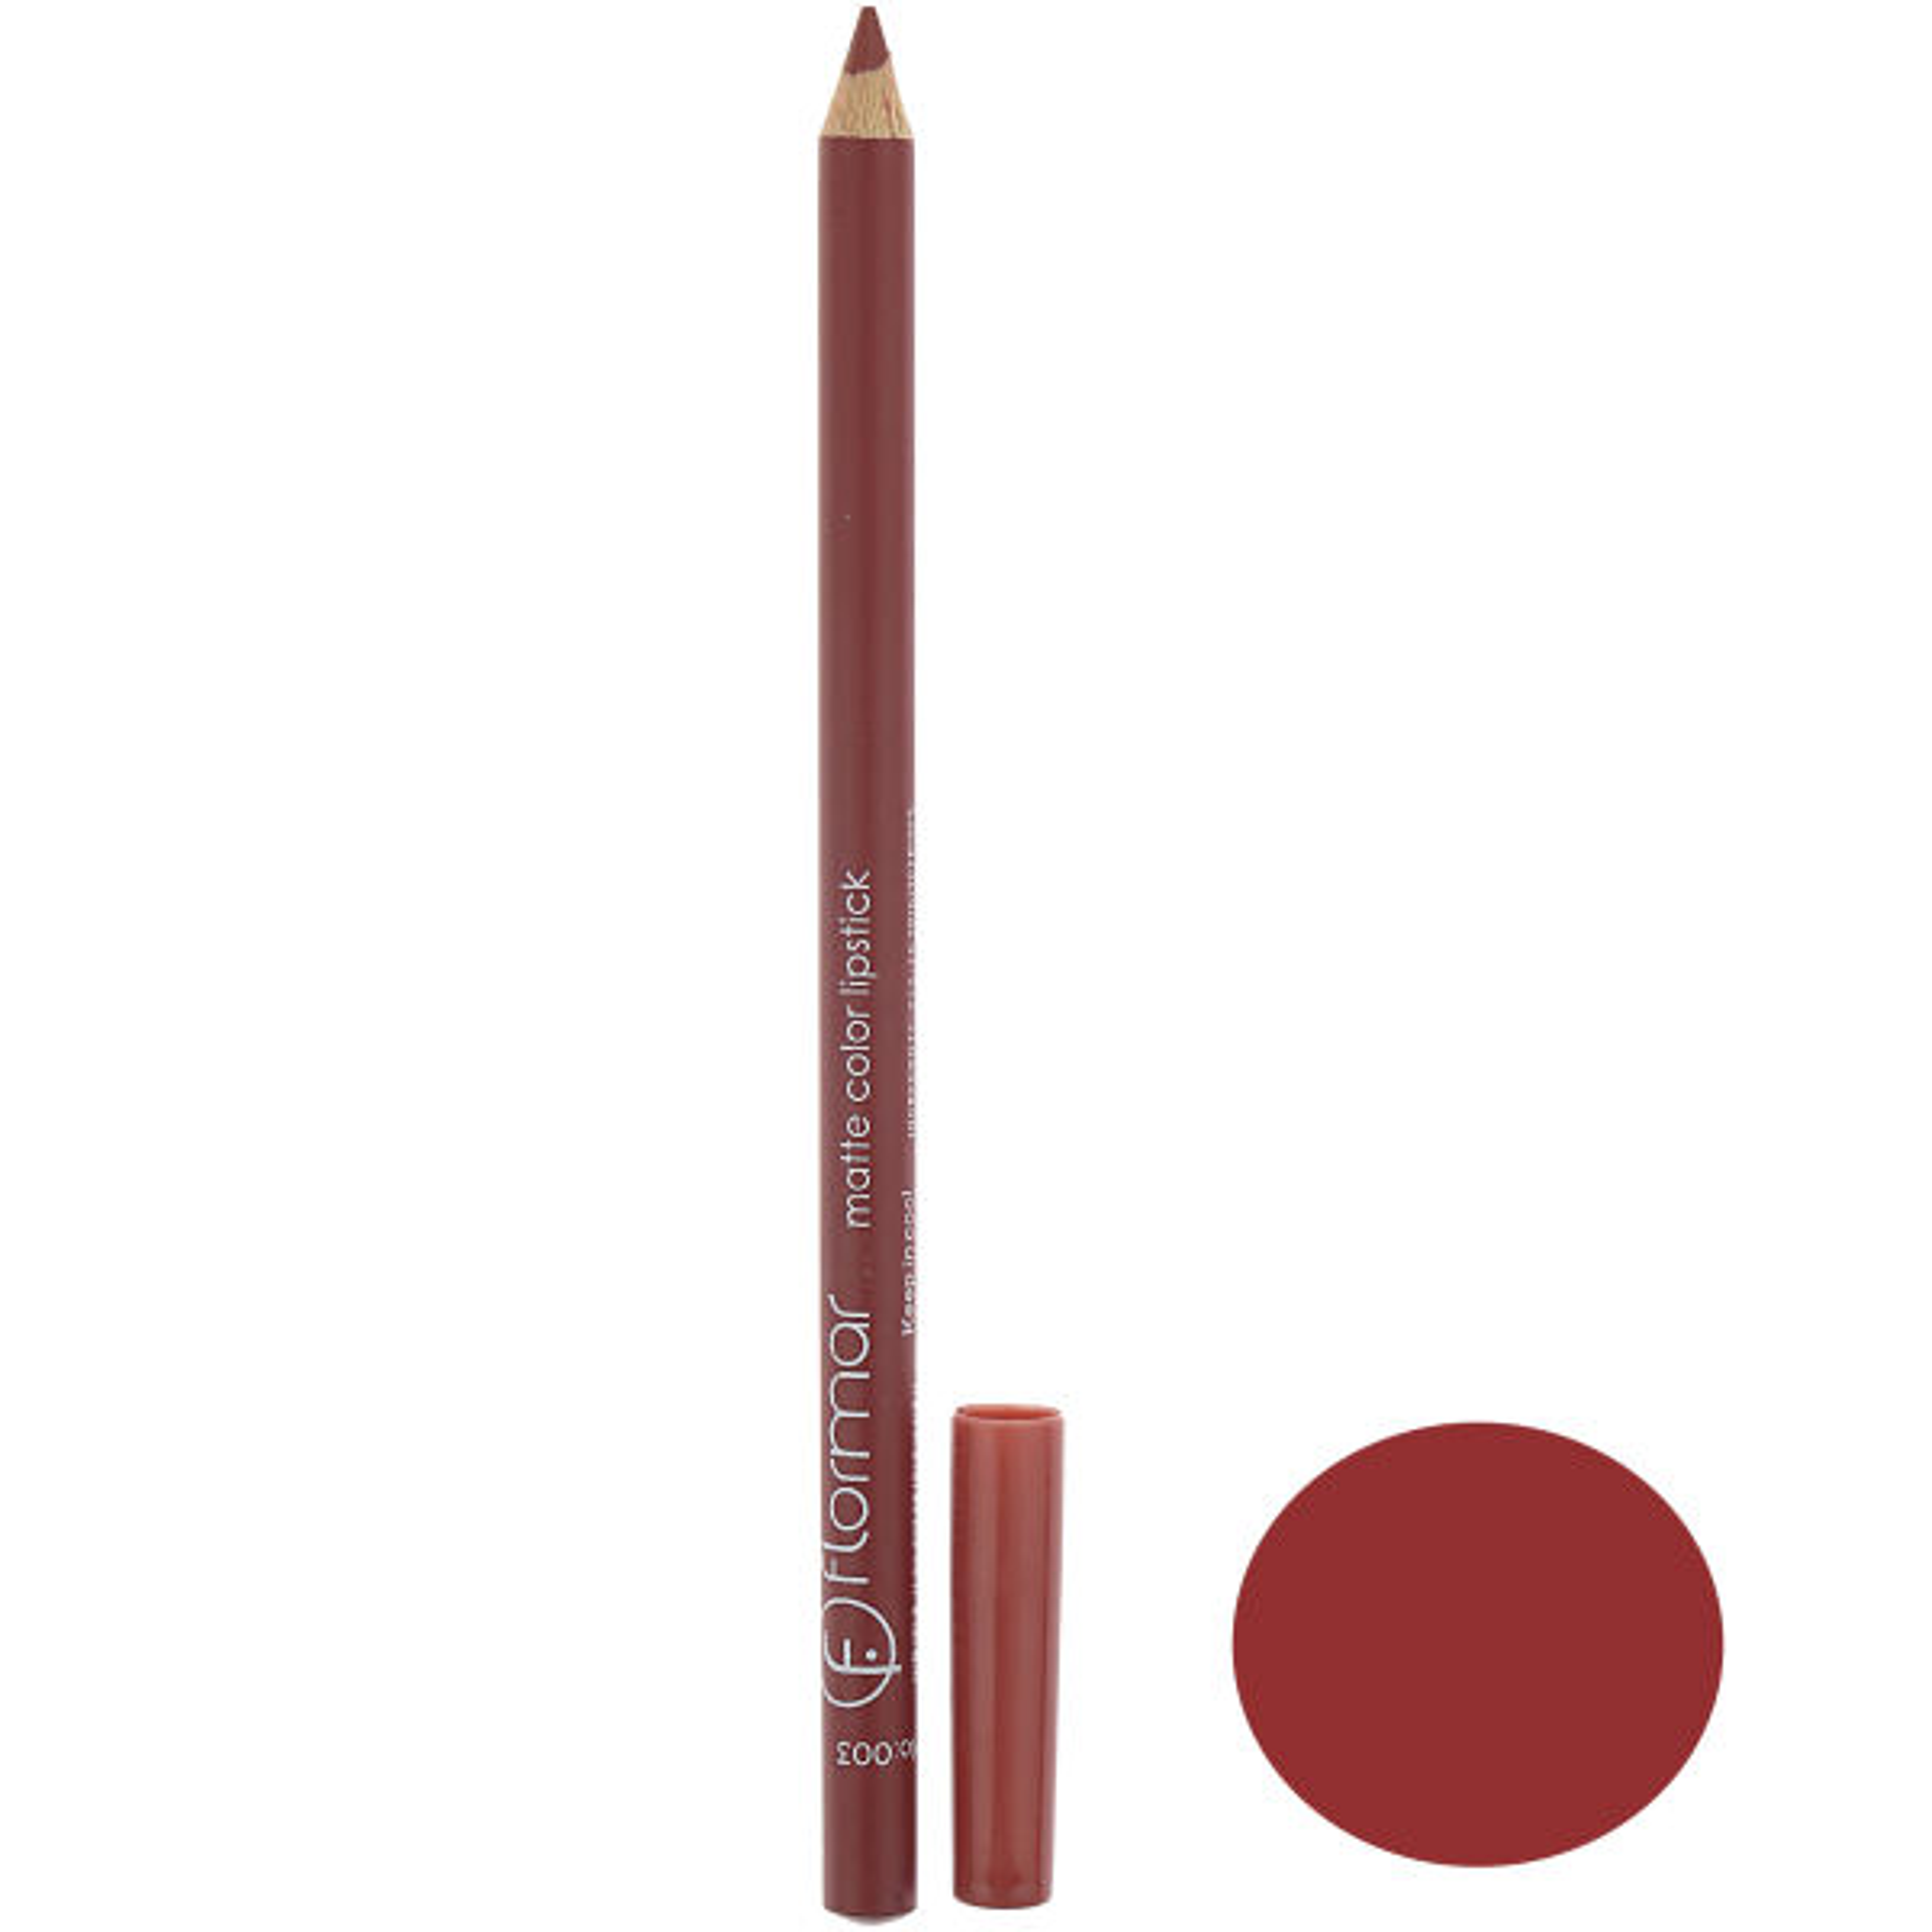 مداد لب فلورمار شماره 003